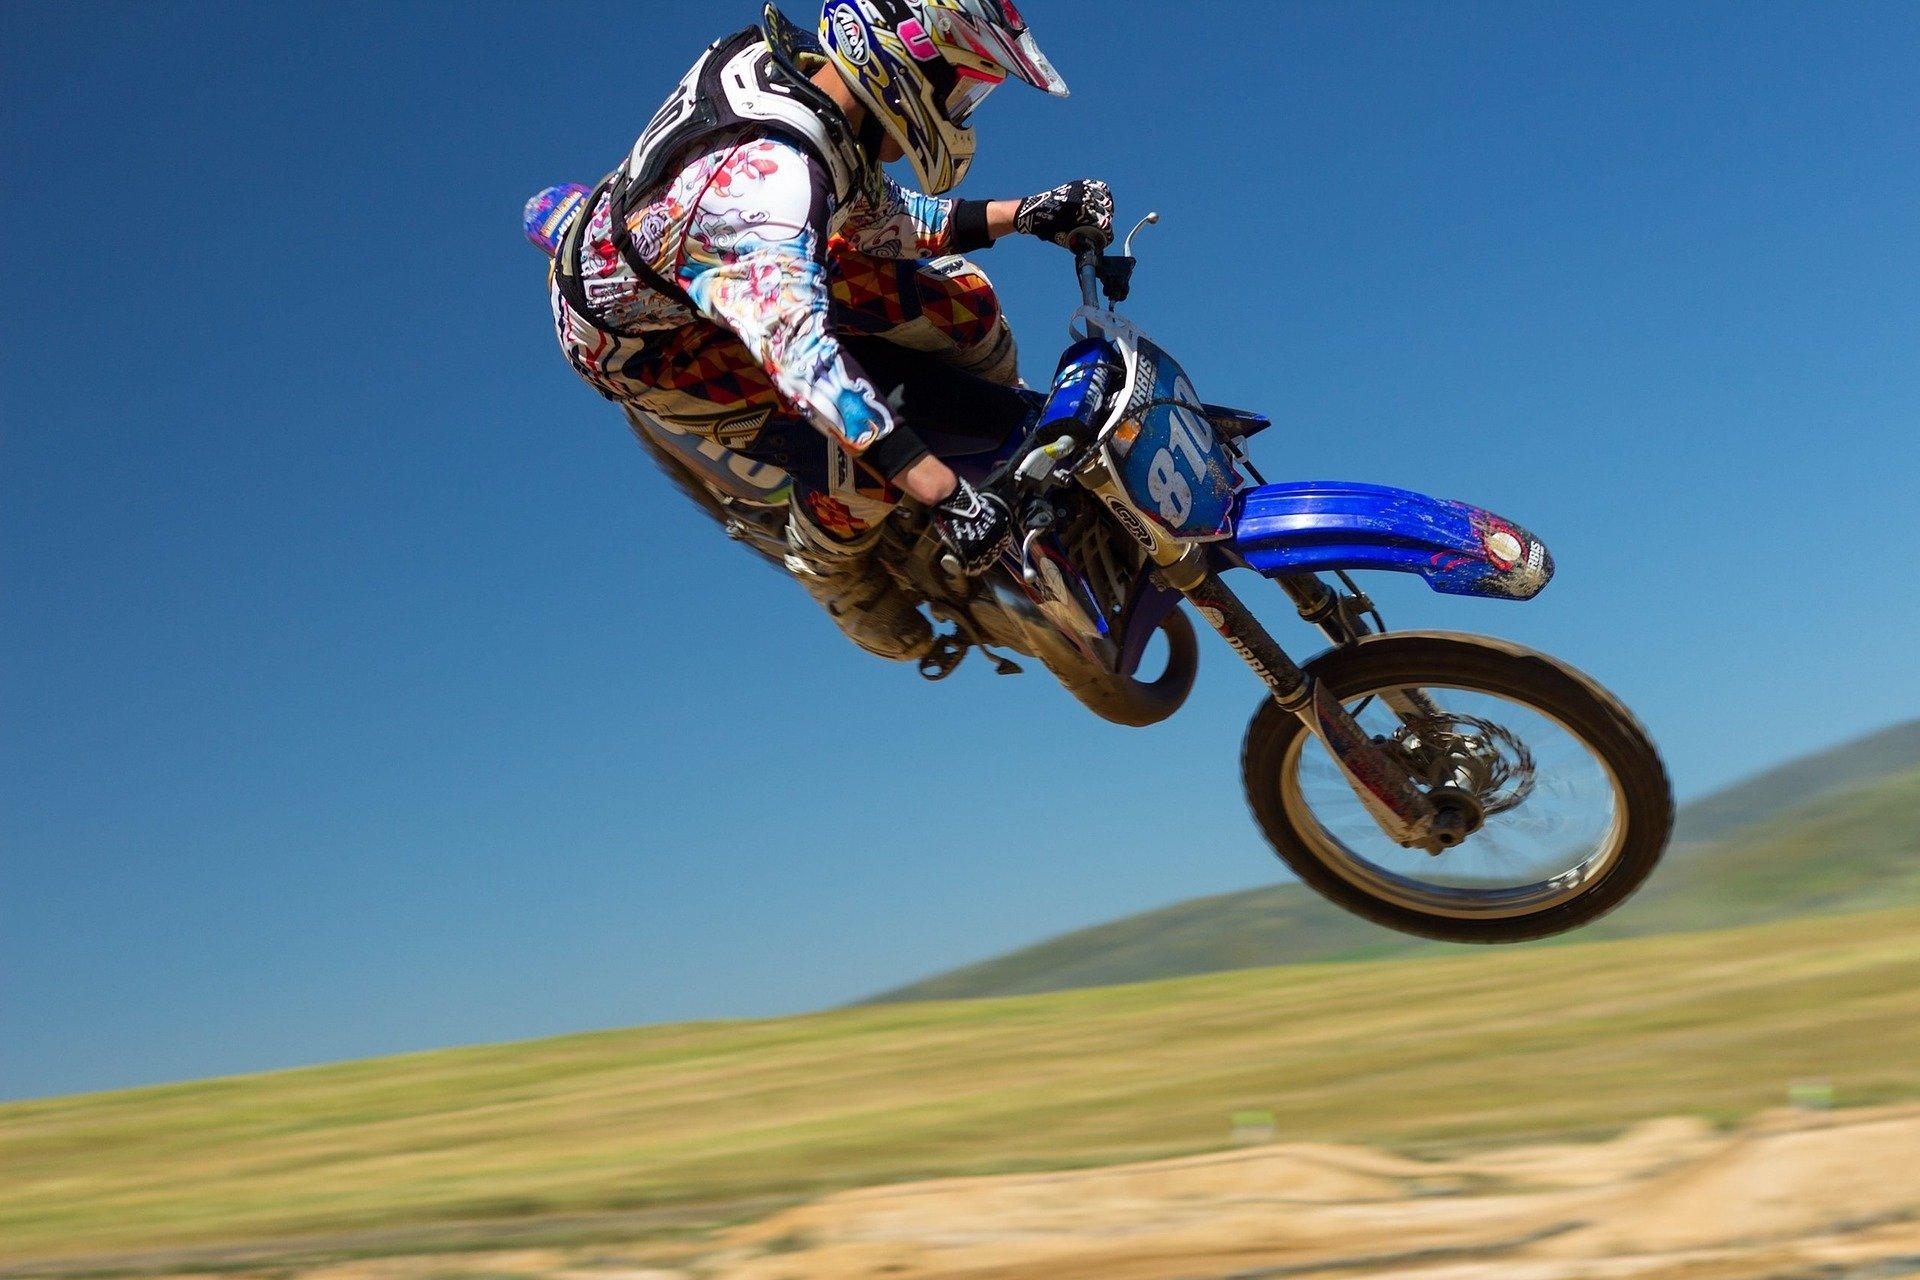 dirt-bike-690770_1920